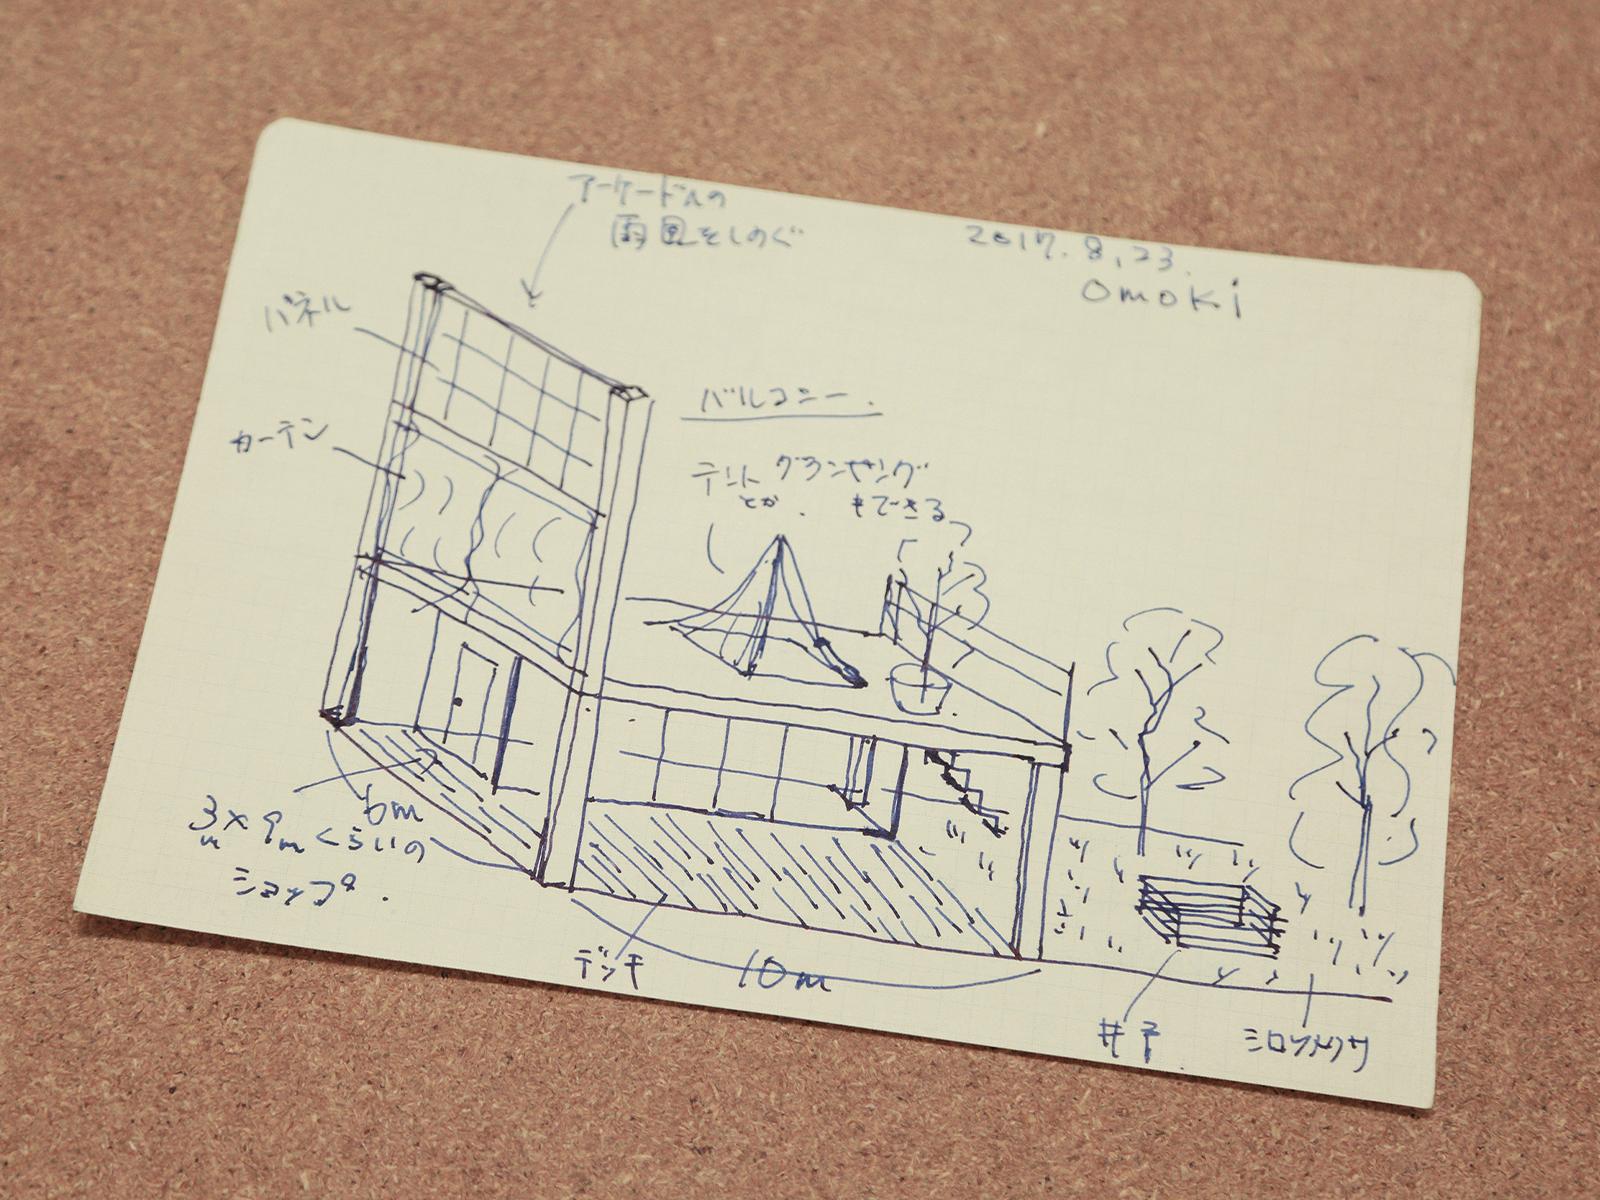 面木さんが、現在の空間づくりの際に描いたスケッチ。